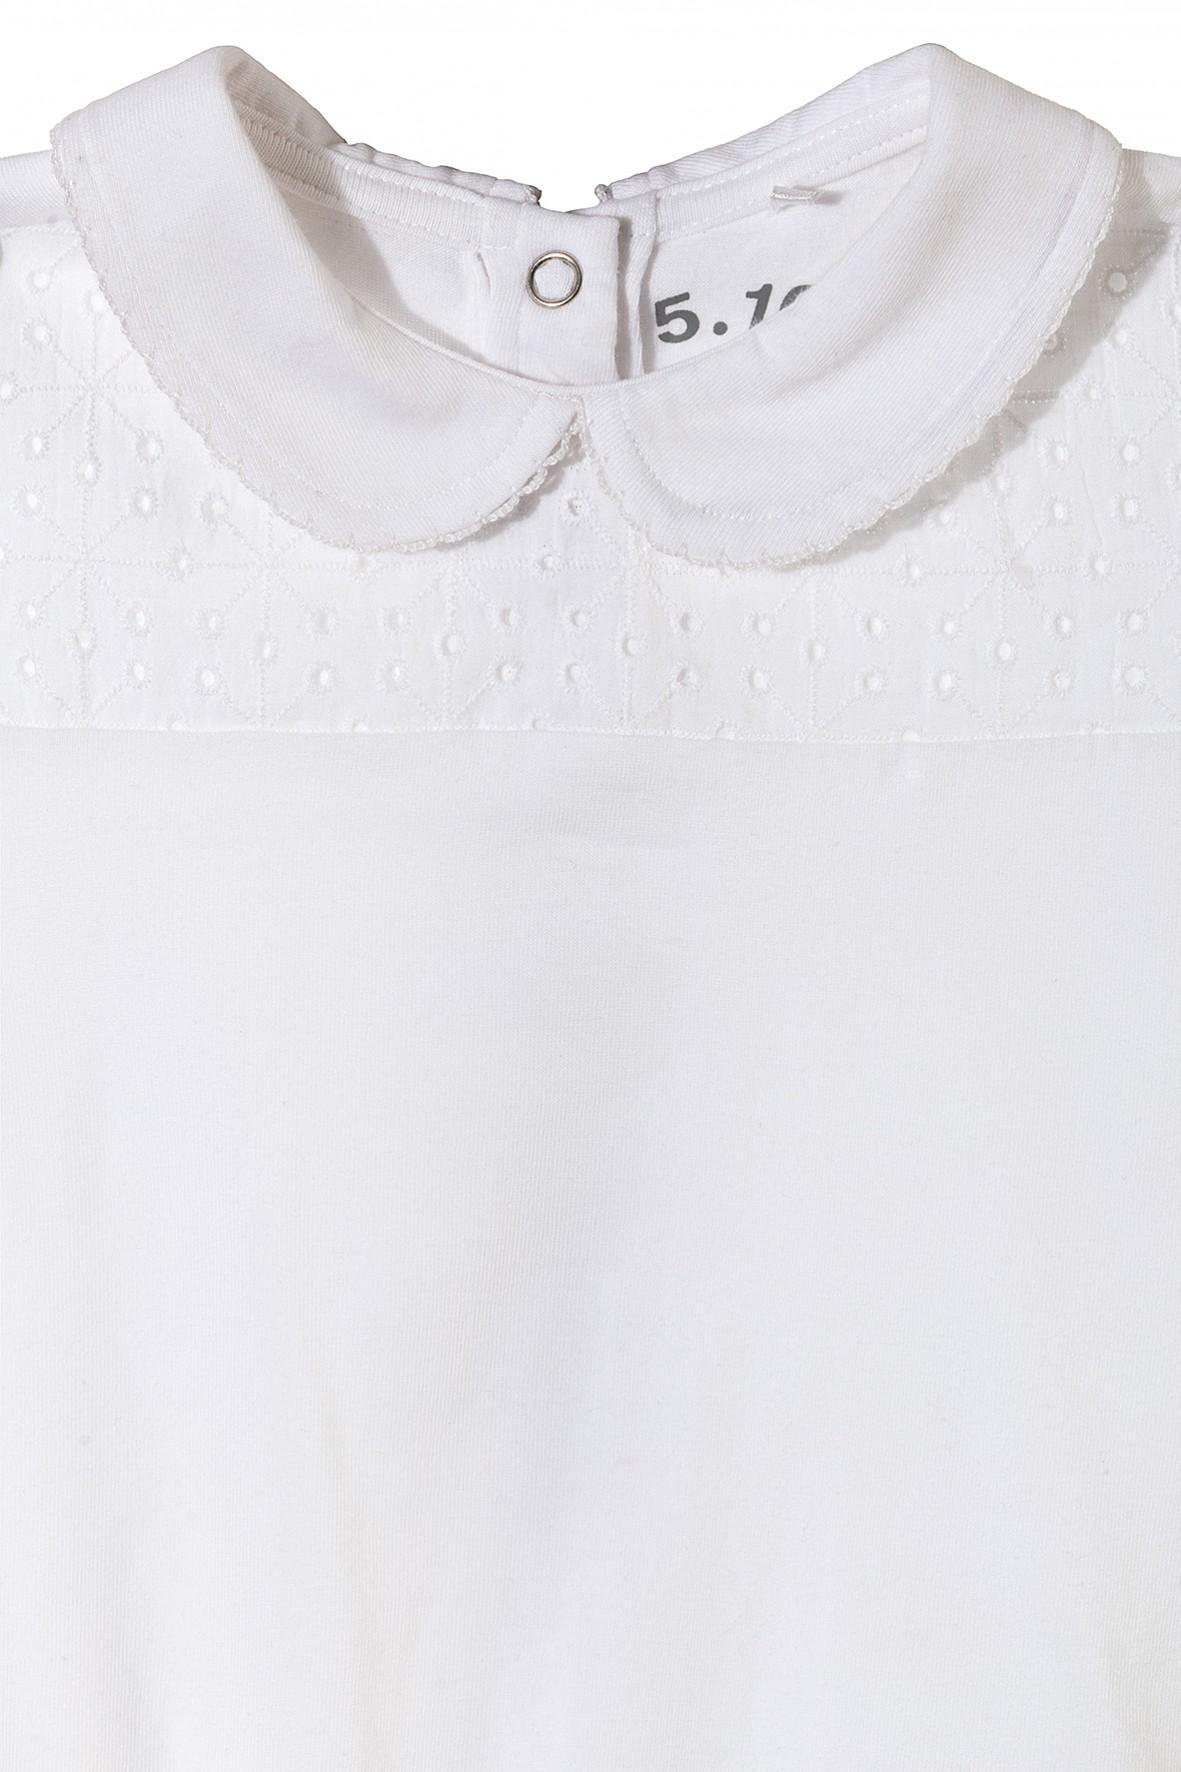 Cudowna Body niemowlęce 5T3228 | Sklep 5.10.15 CK77